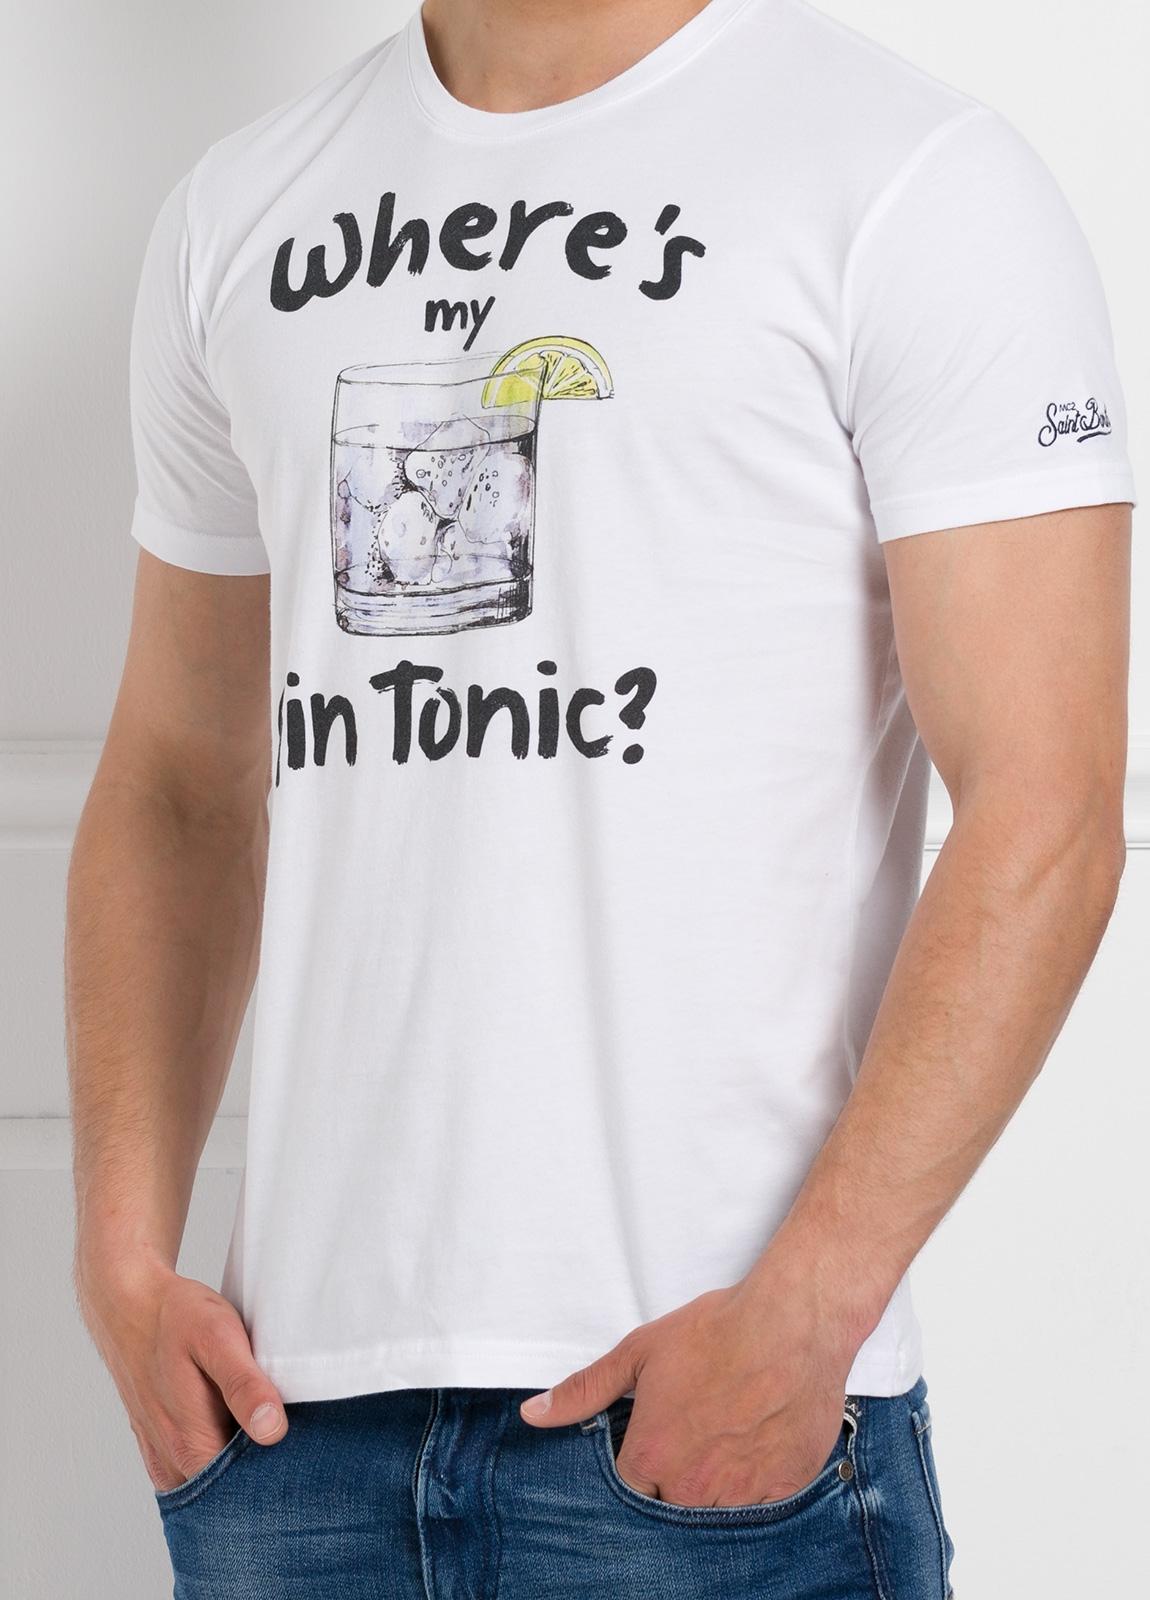 Camiseta manga corta con estampado gráfico, color blanco, algodón. - Ítem1